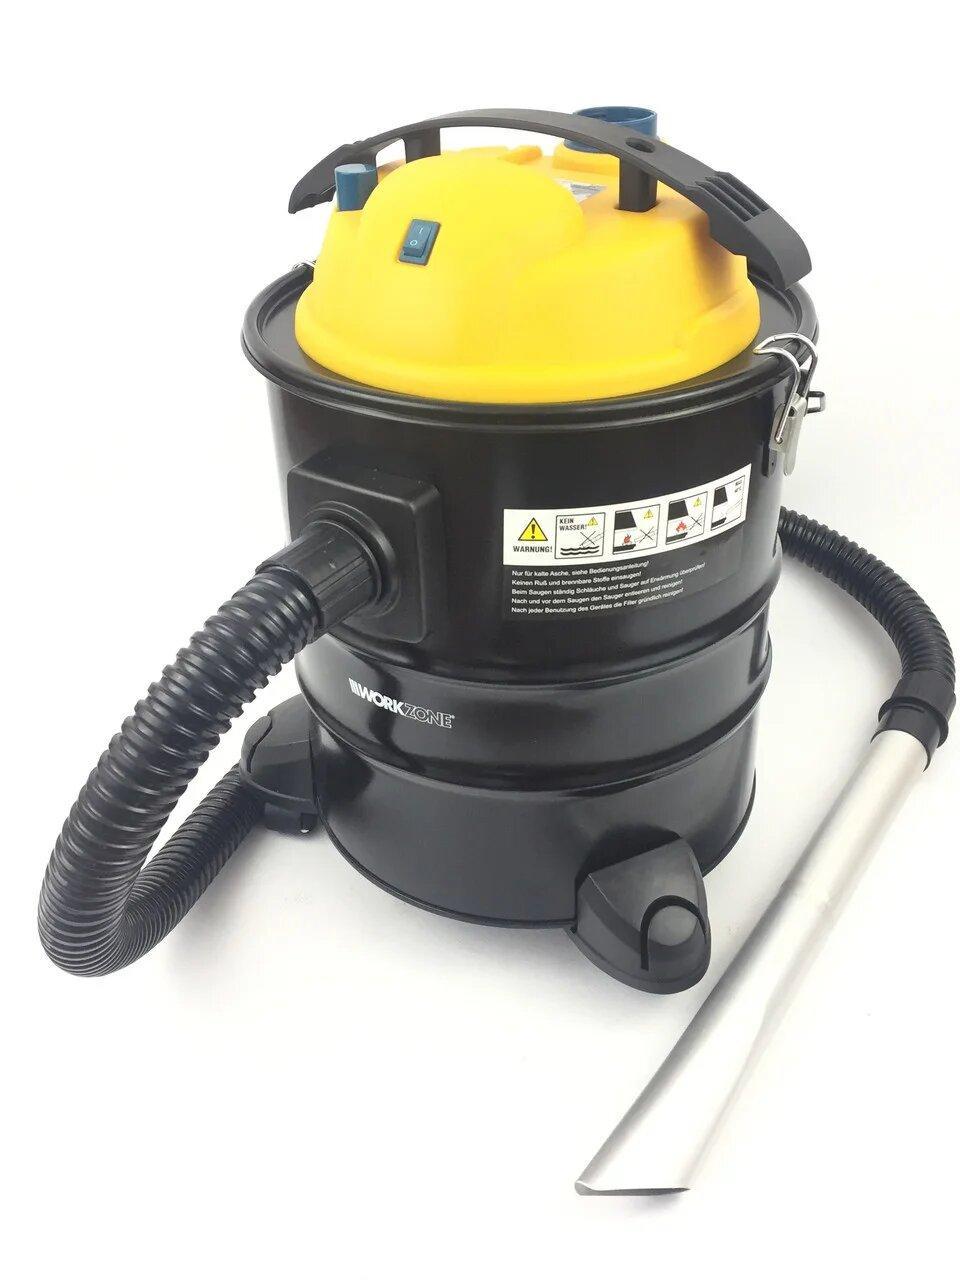 Строительный пылесос Work Zone 20 л 1200 Вт